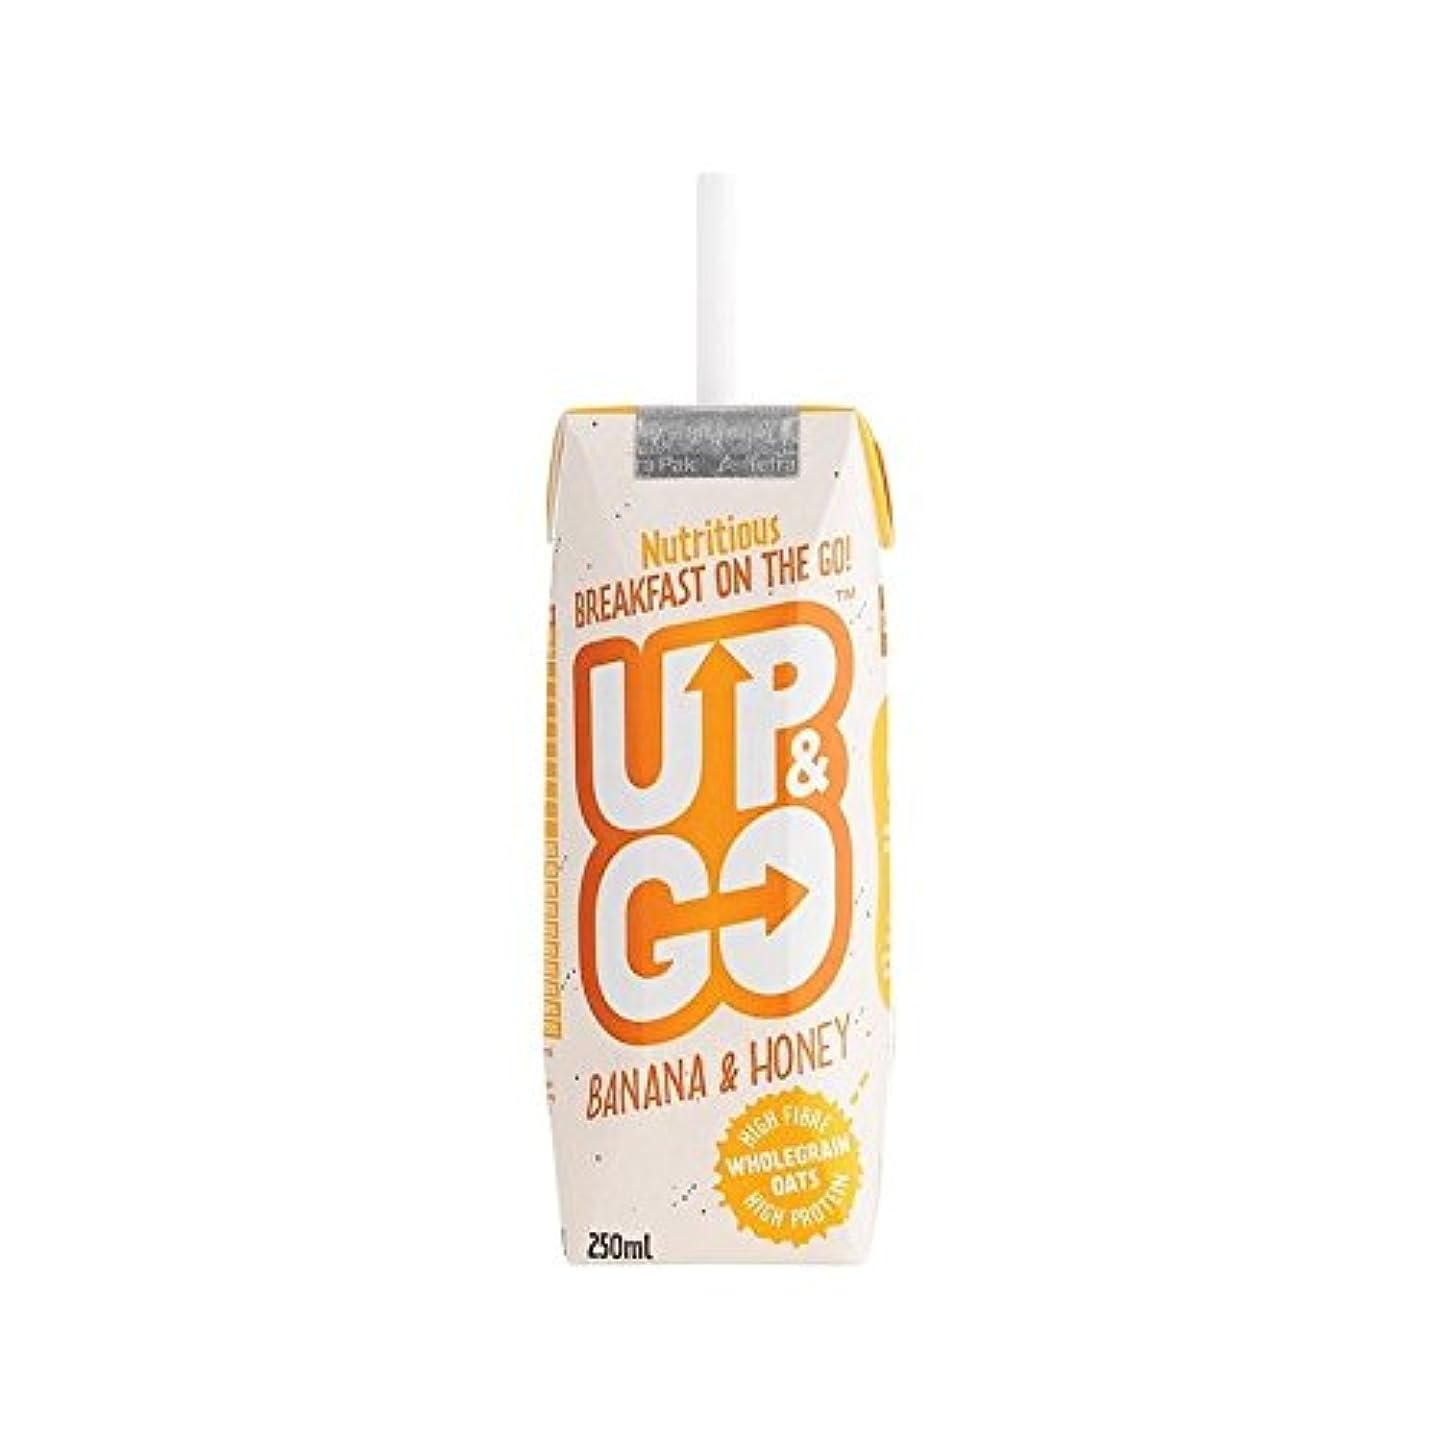 約束する役立つ権限オート麦の250ミリリットルとバナナ&ハニー朝食ドリンク (Up&Go) (x 6) - Up&Go Banana & Honey Breakfast Drink with Oats 250ml (Pack of 6)...